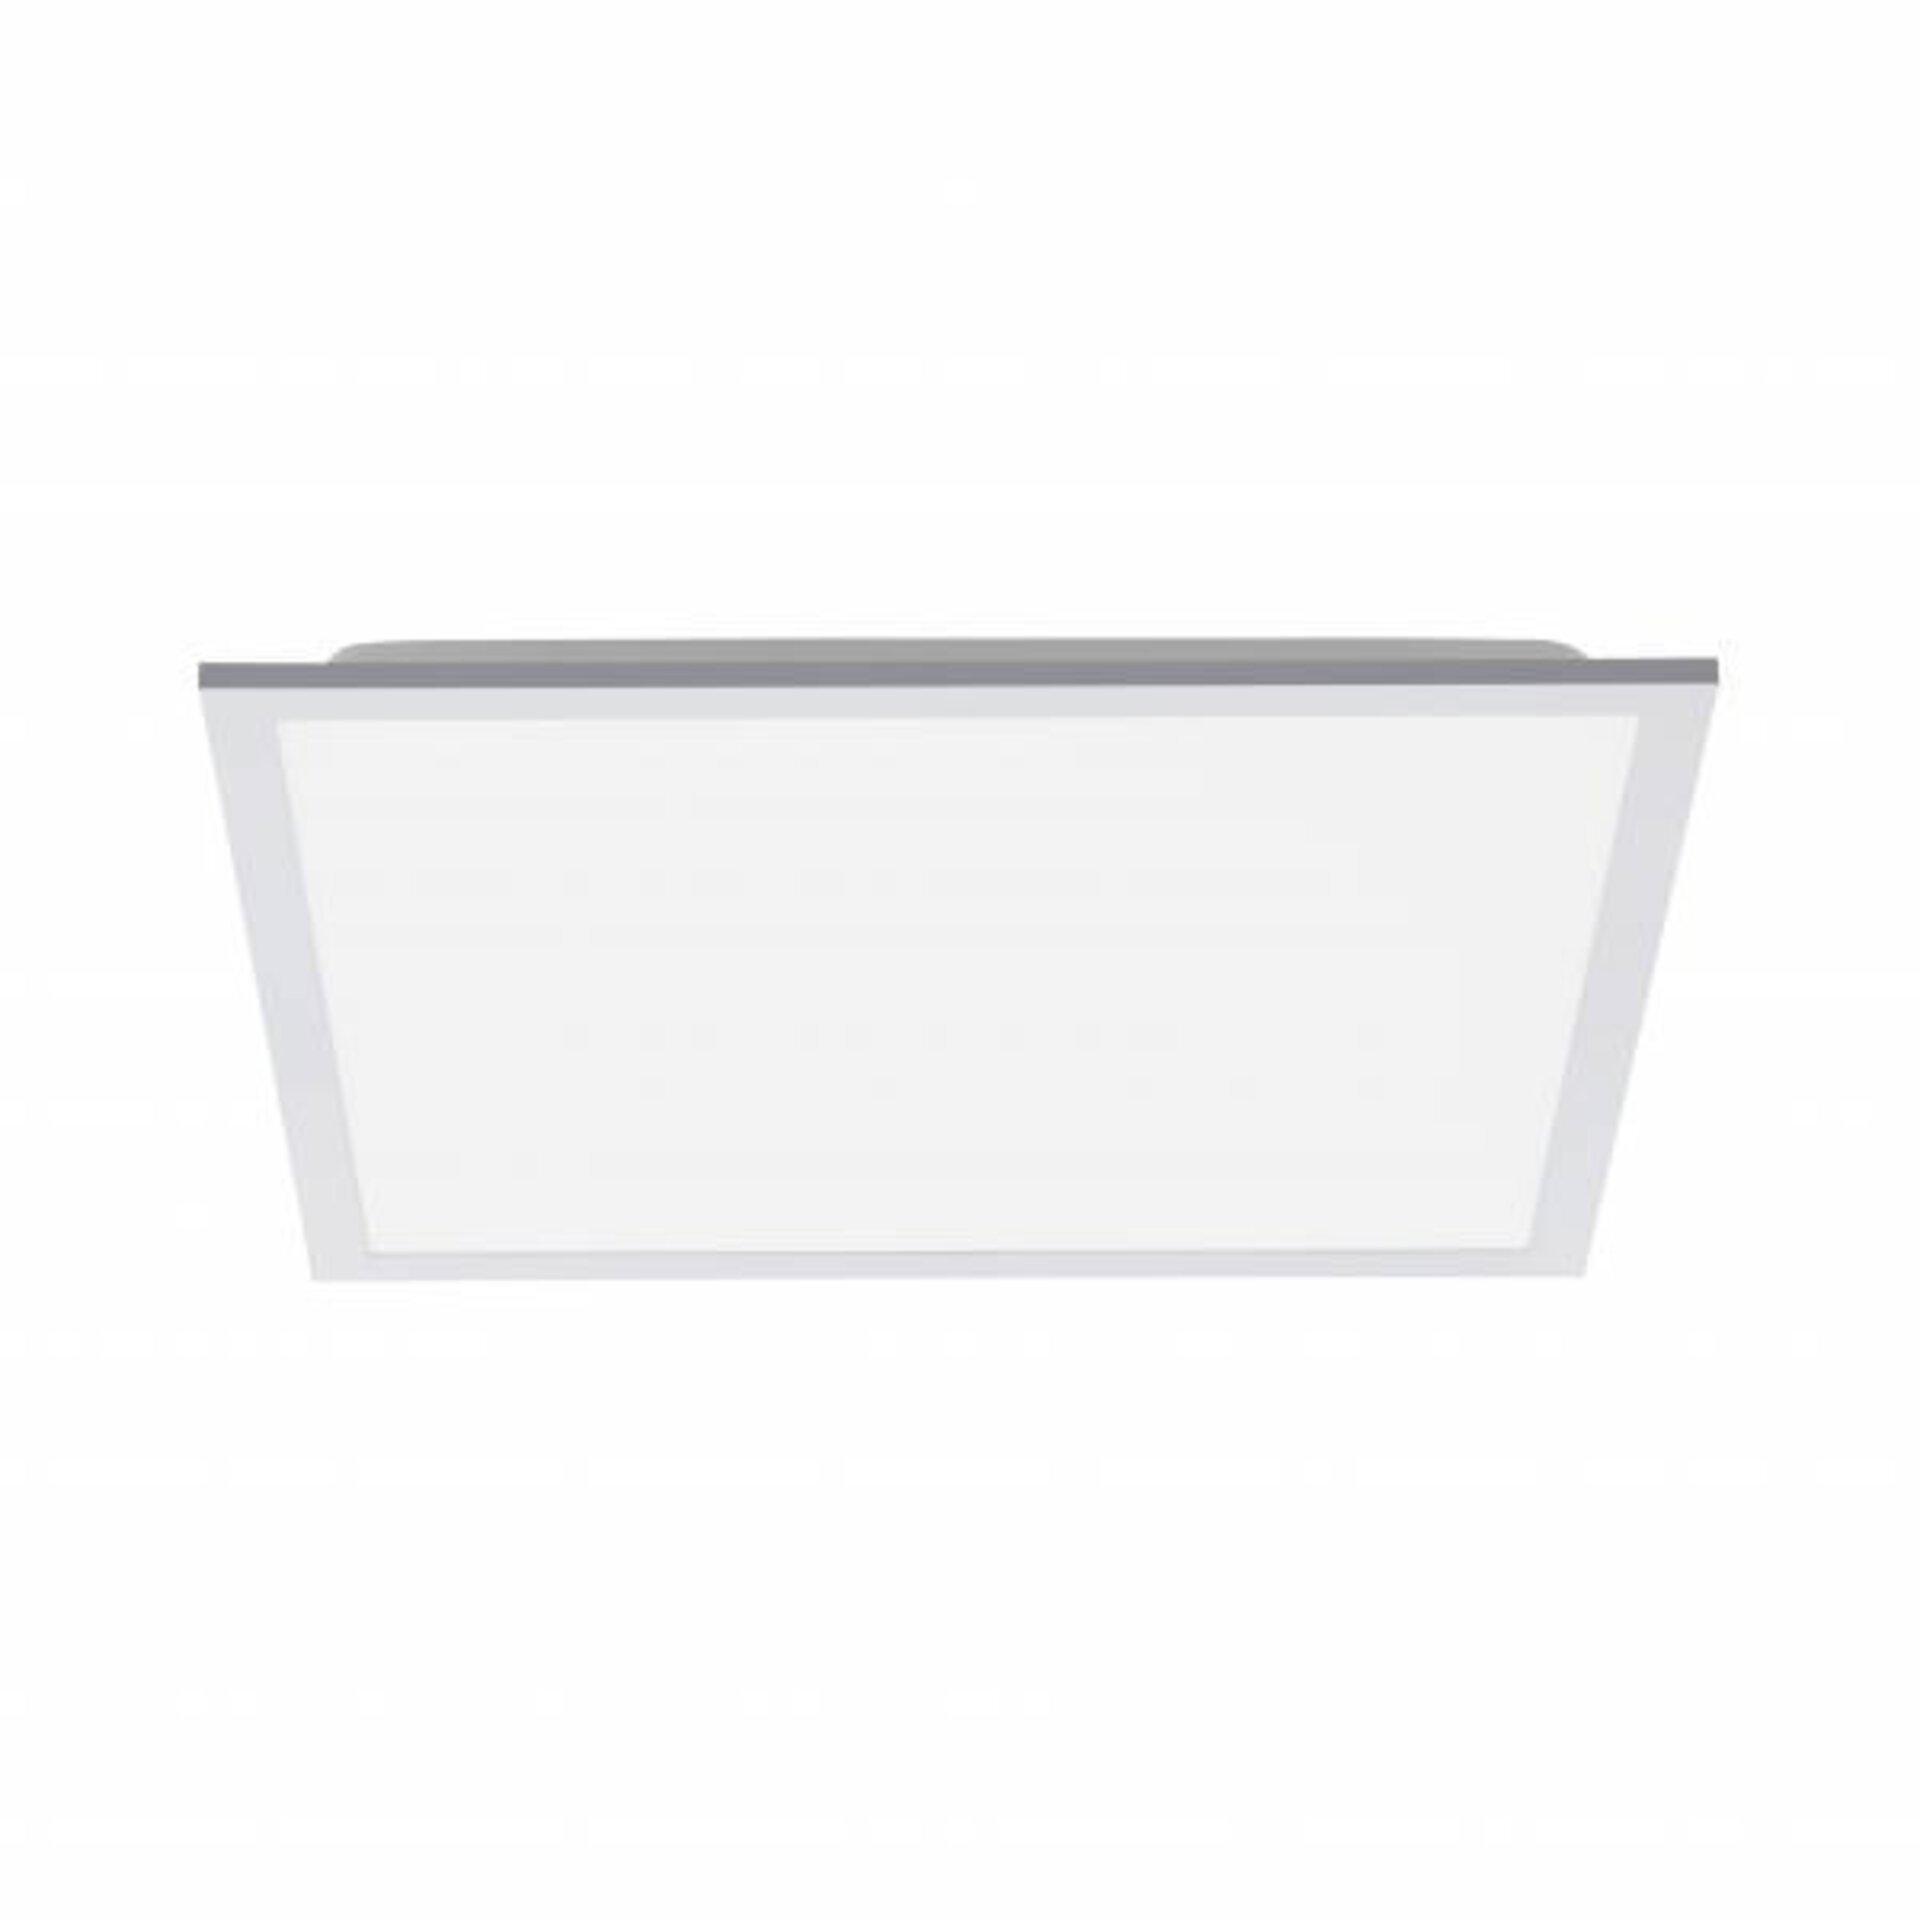 Deckenleuchte FLEET Leuchtendirekt Kunststoff 45 x 7 x 45 cm